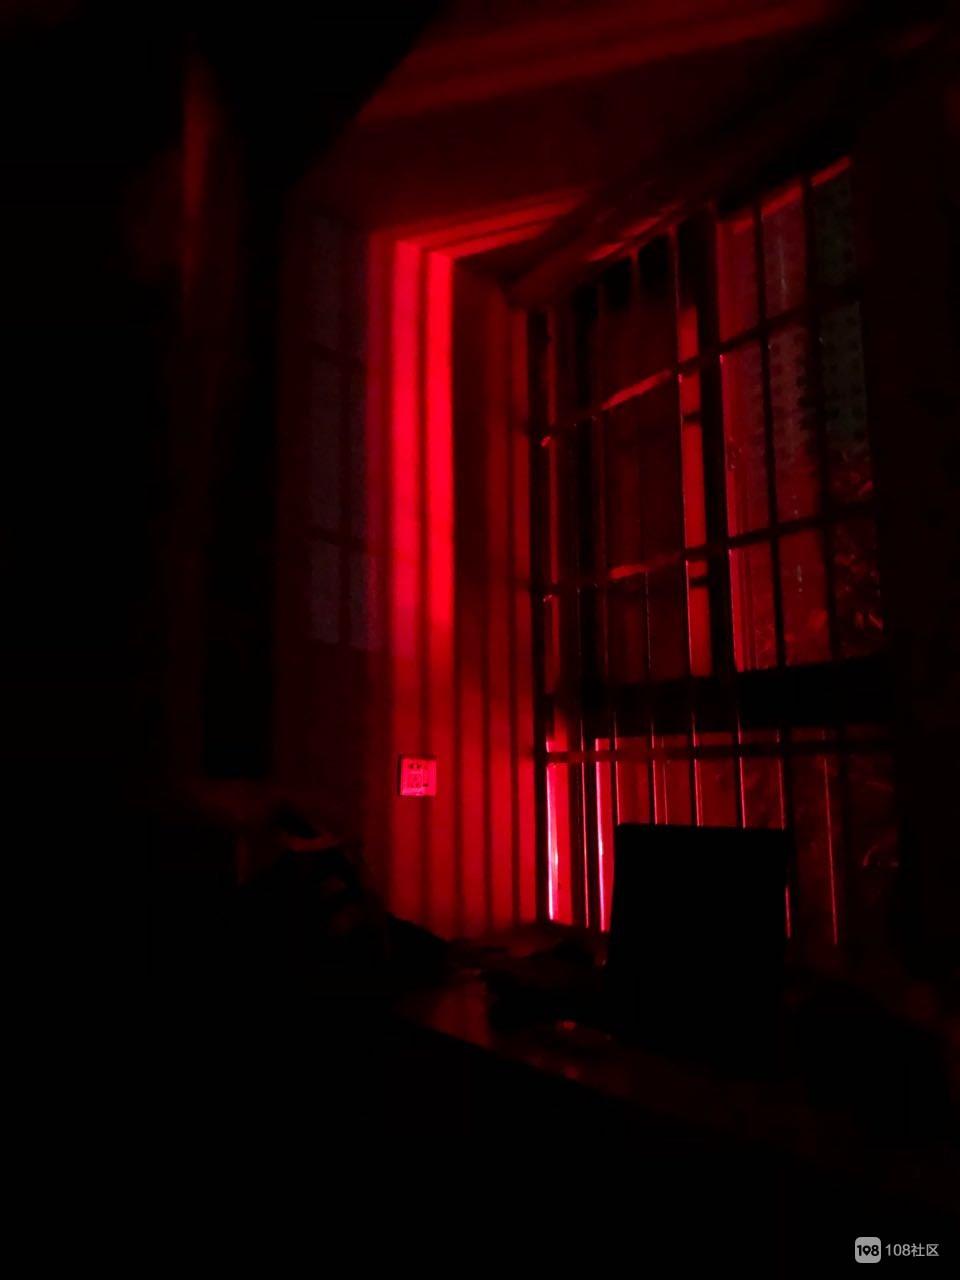 一楼业主私装广告牌 害我房间每晚亮红灯!好可怕